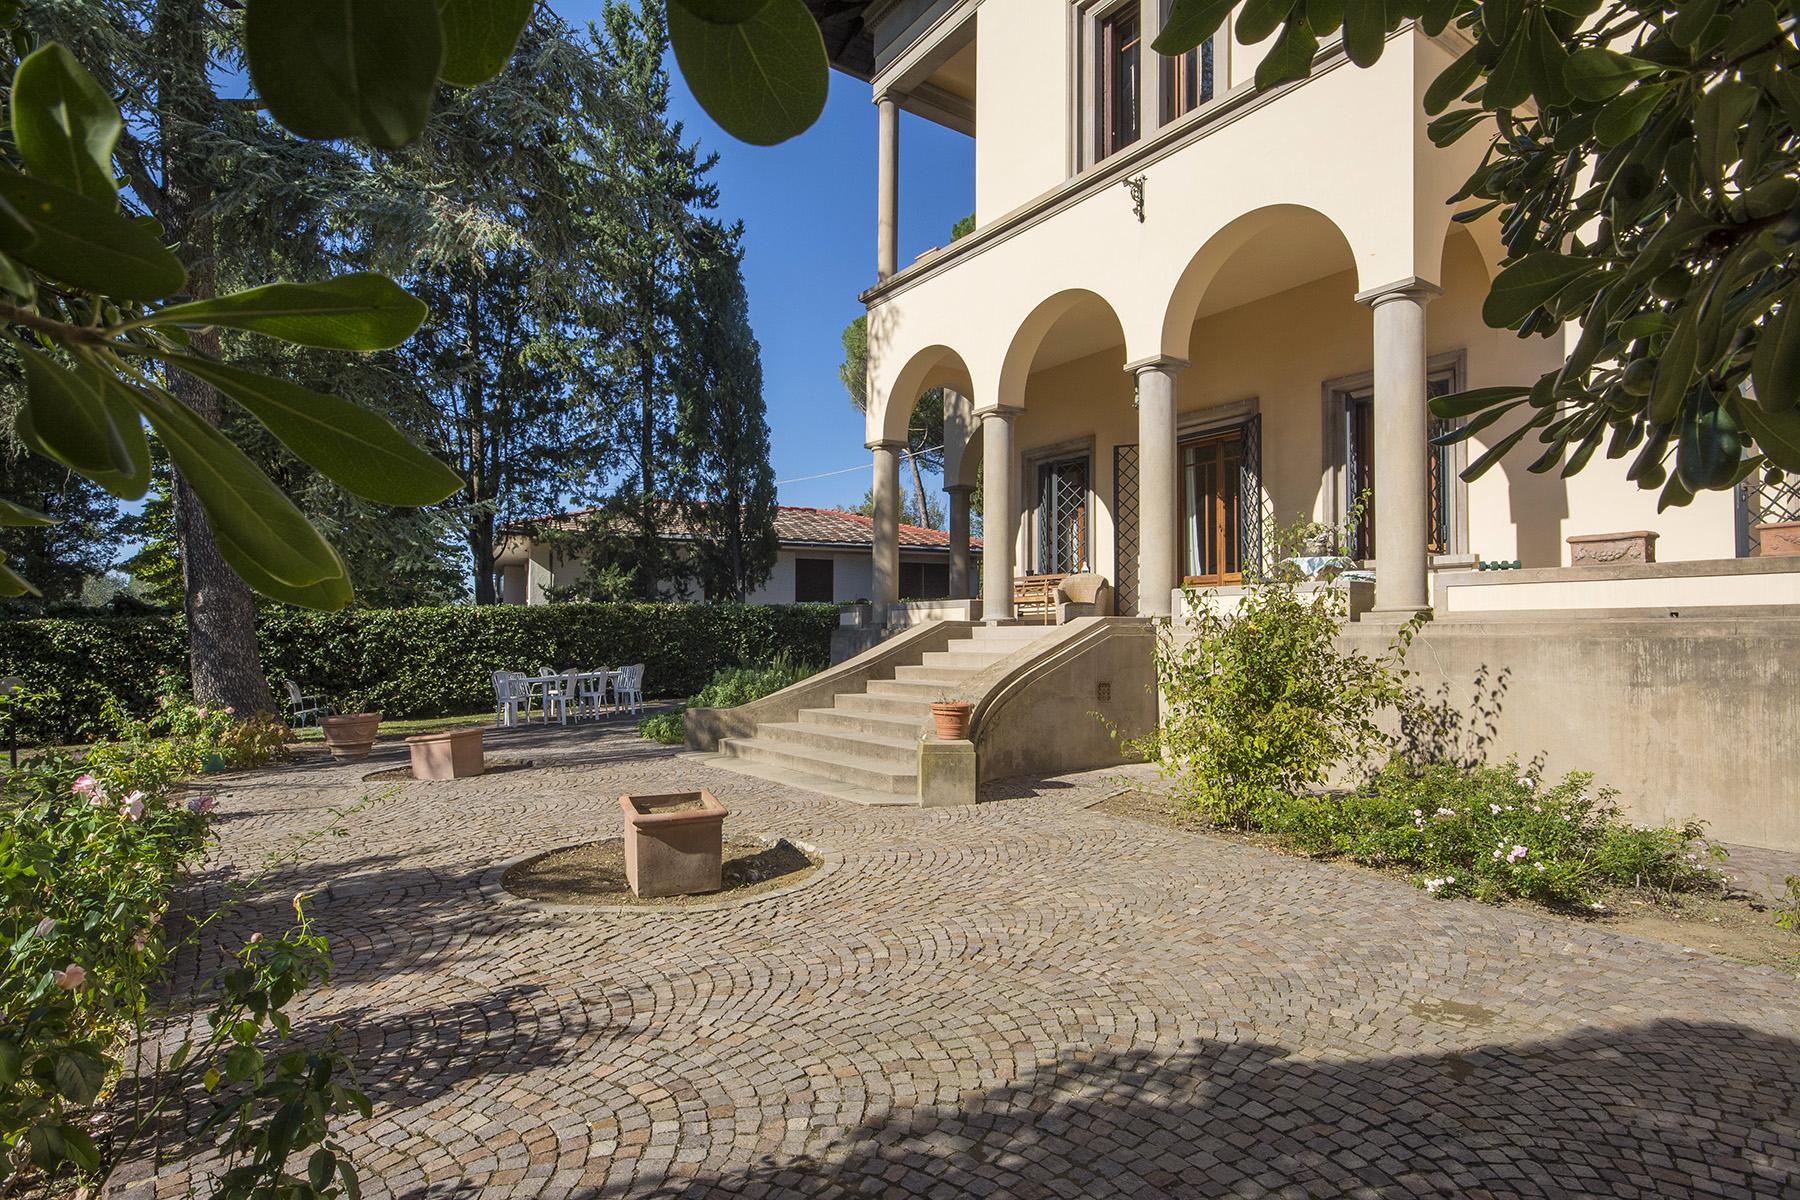 Villa in Vendita a Firenze: 5 locali, 500 mq - Foto 3